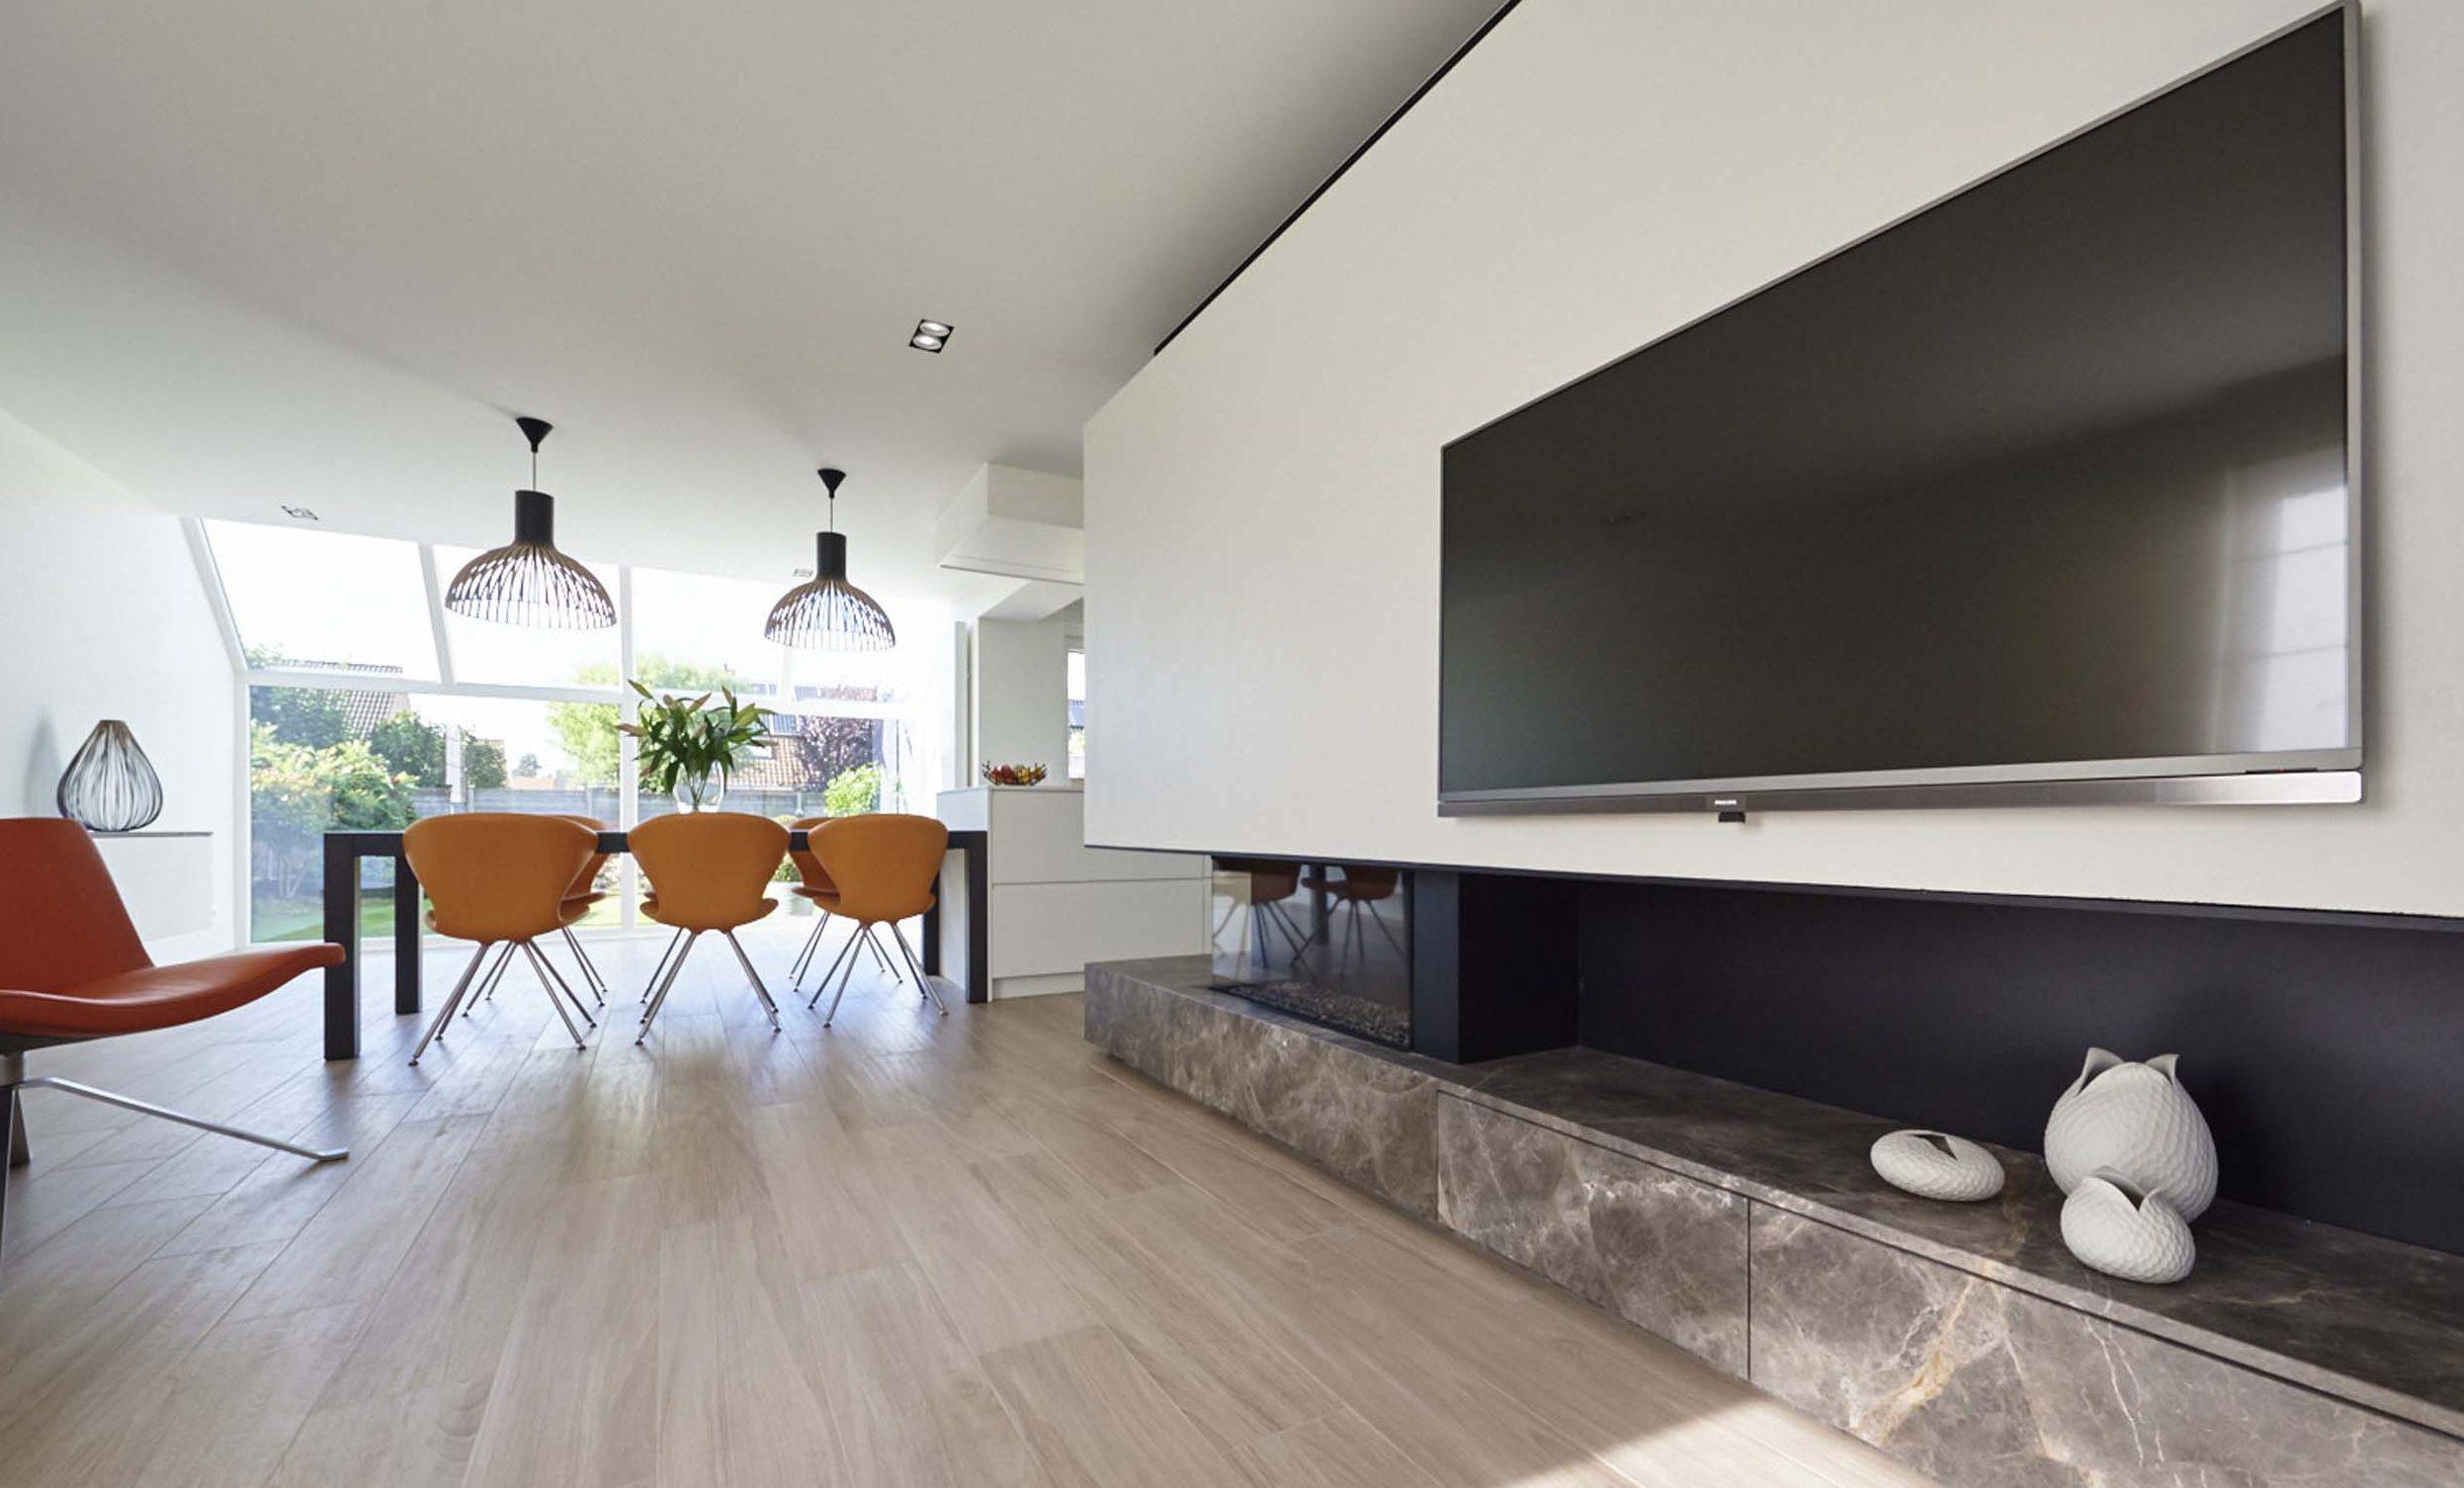 Vanda-projects-interieurinrichting-meubelmakerij-oost-vlaanderen-mortier-stoelen